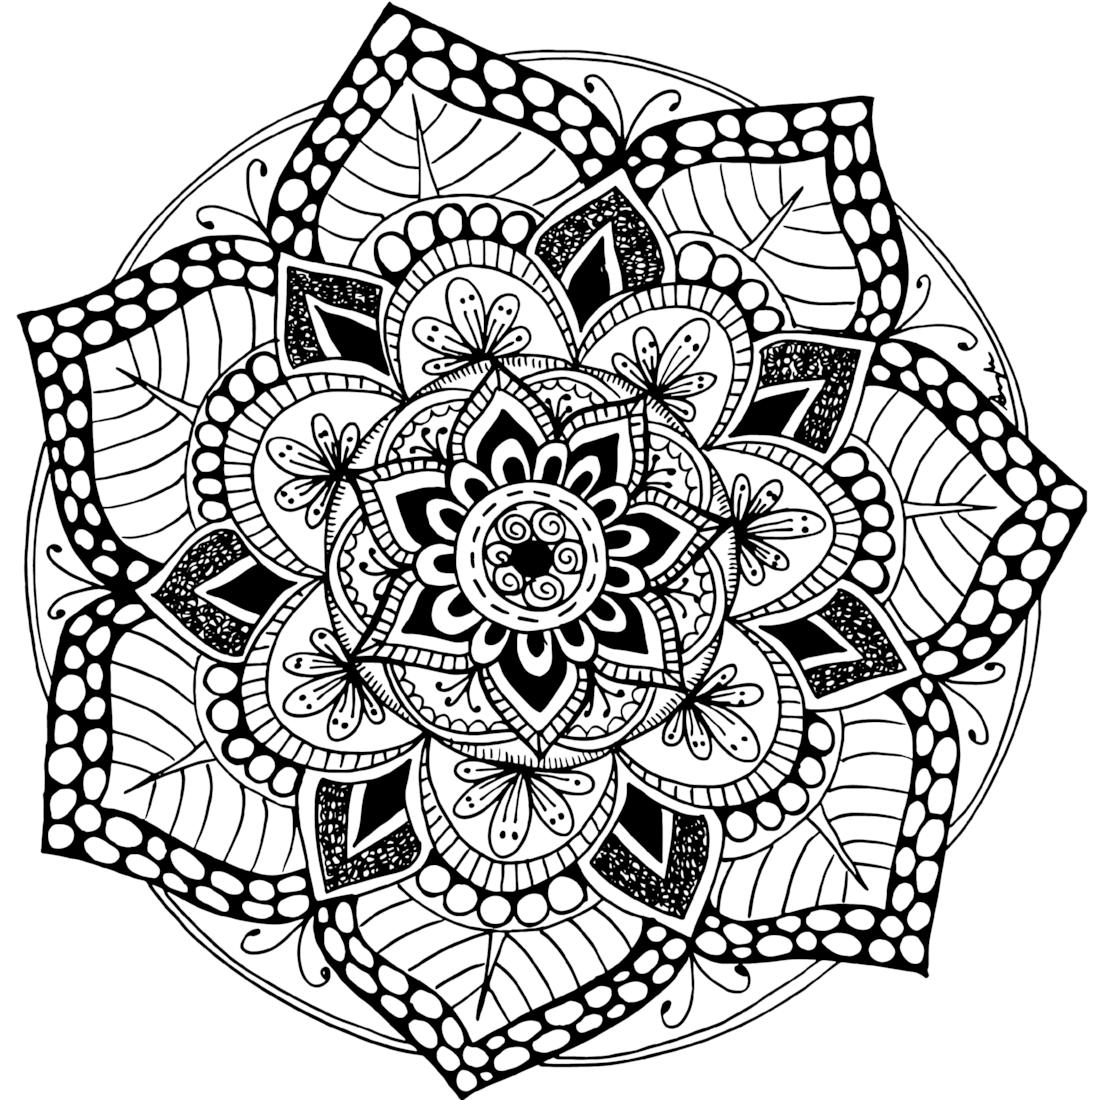 mandalas for coloring flower mandala coloring page free printable coloring pages coloring for mandalas